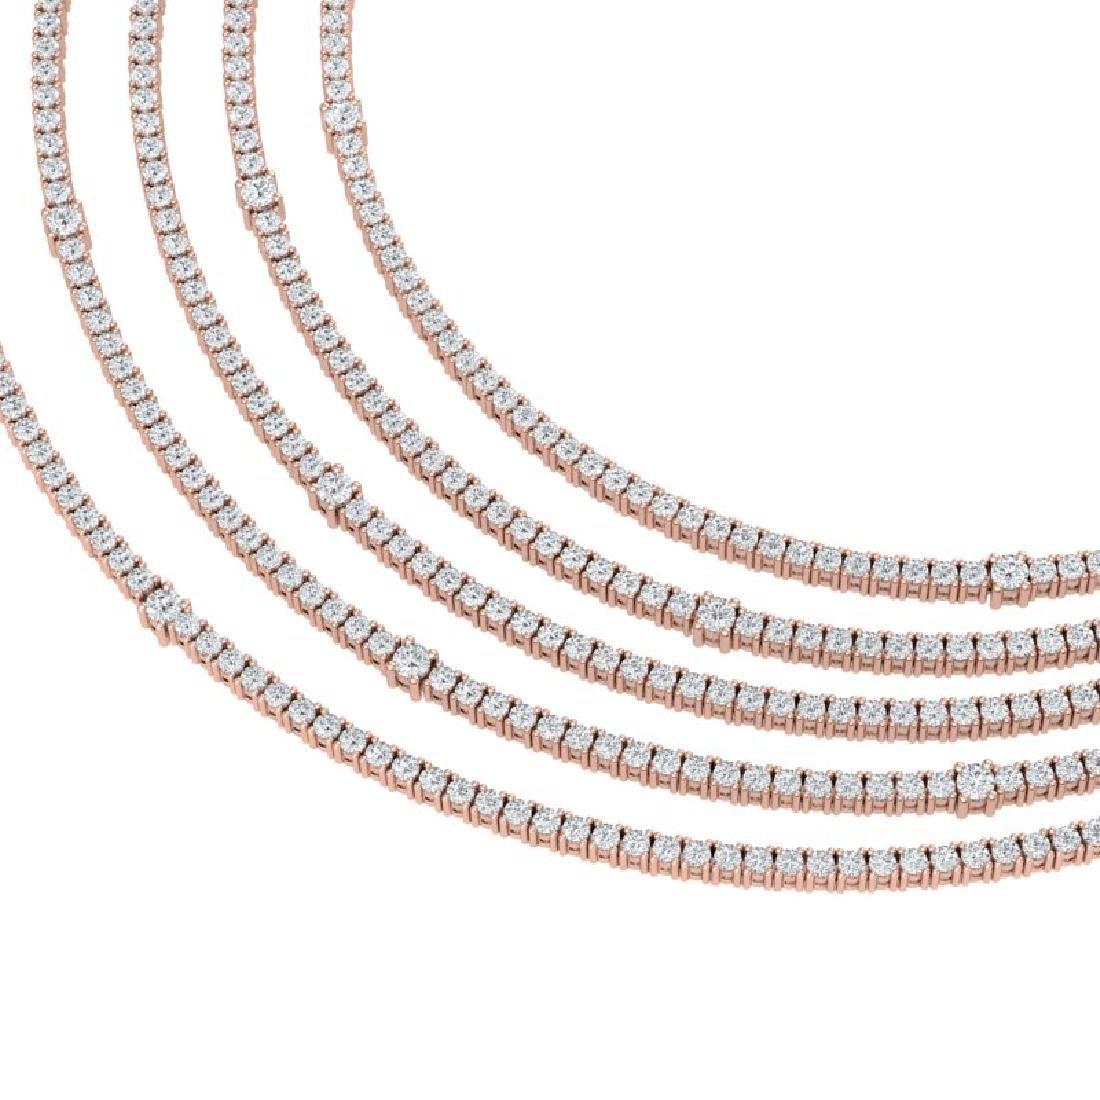 60 CTW Certified VS/SI Diamond Love Necklace 18K Rose - 2